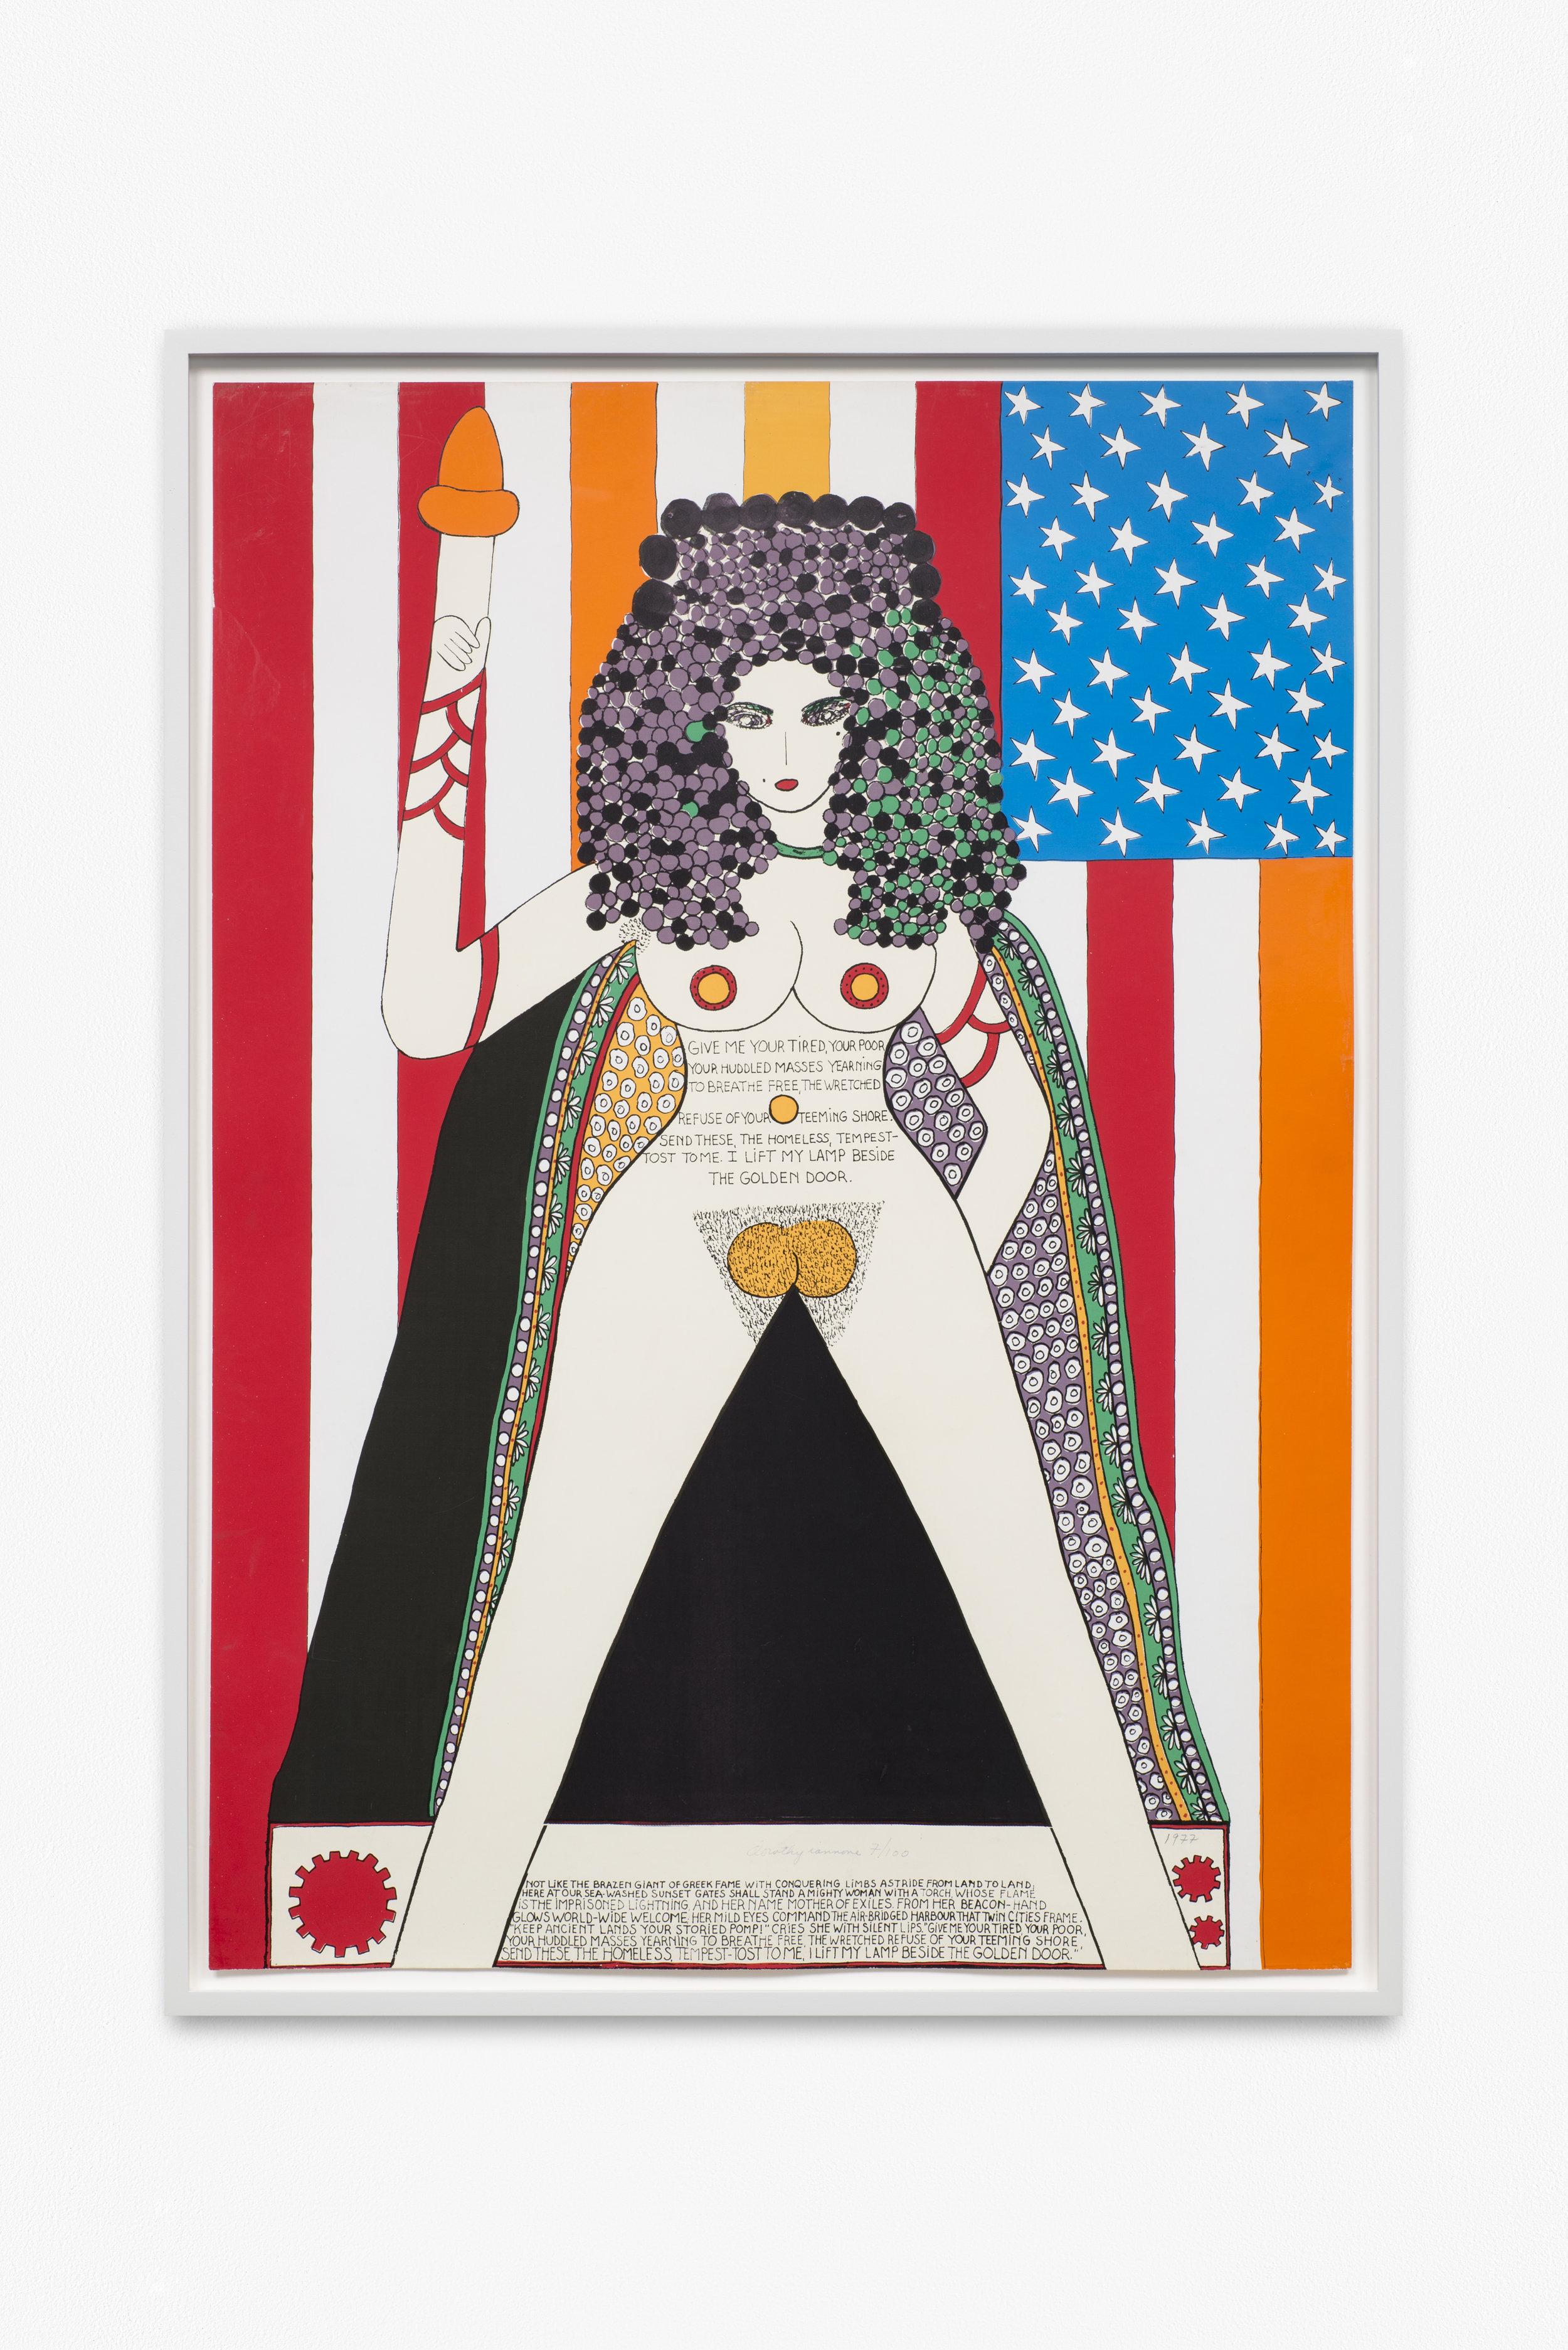 DOROTHY IANNONE  (1933)  The Statue Of Liberty,  1977, serigrafía a color sobre papel, 83,5 x 60, cortesía Peres Projects, Berlín. Fotografía de Trevor Good.